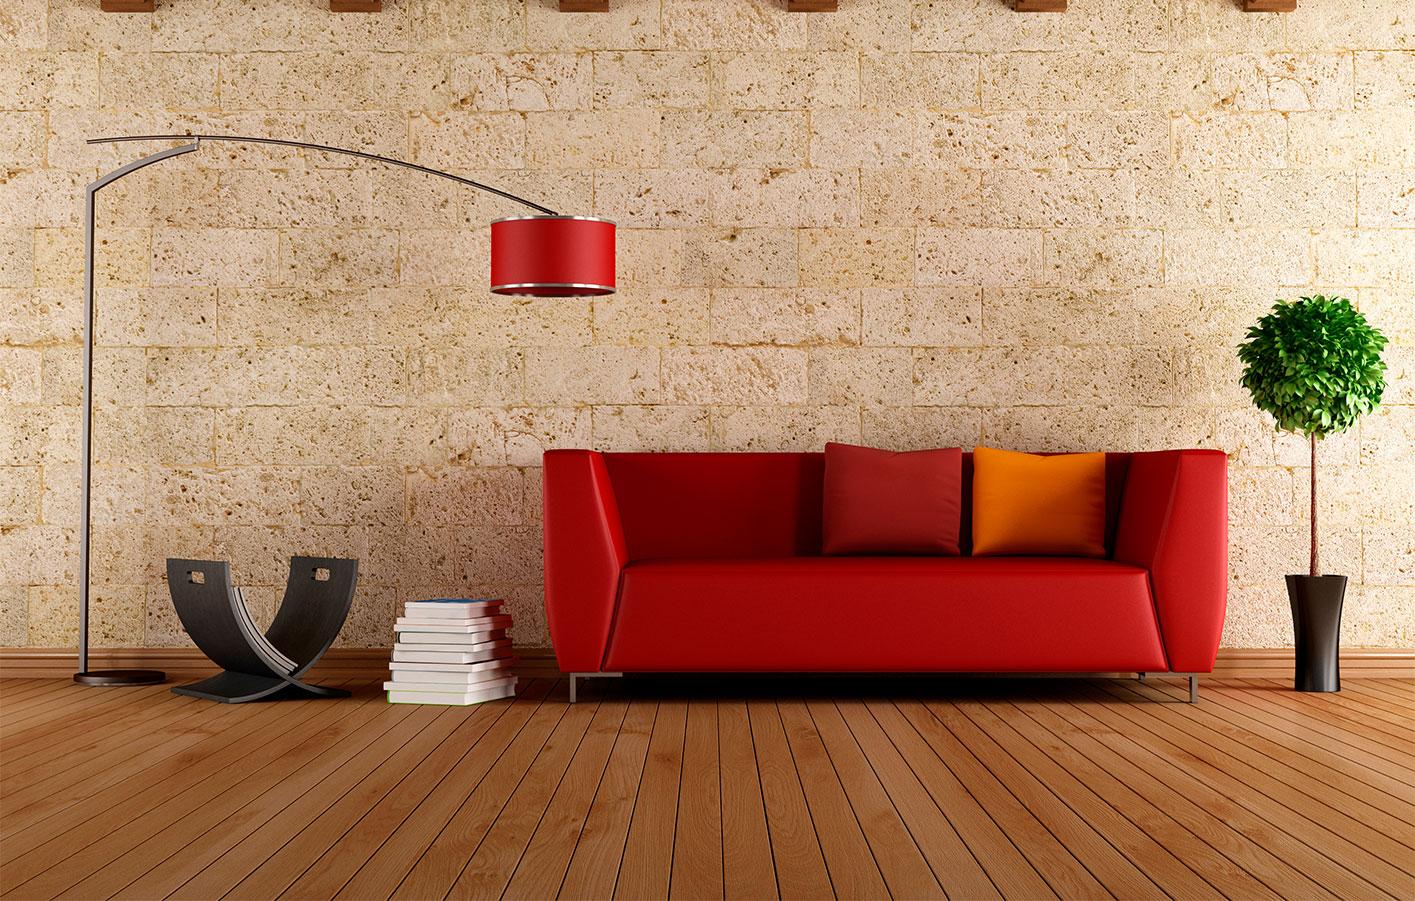 unterschied parkett laminat vinylboden with unterschied parkett laminat good unterschied. Black Bedroom Furniture Sets. Home Design Ideas